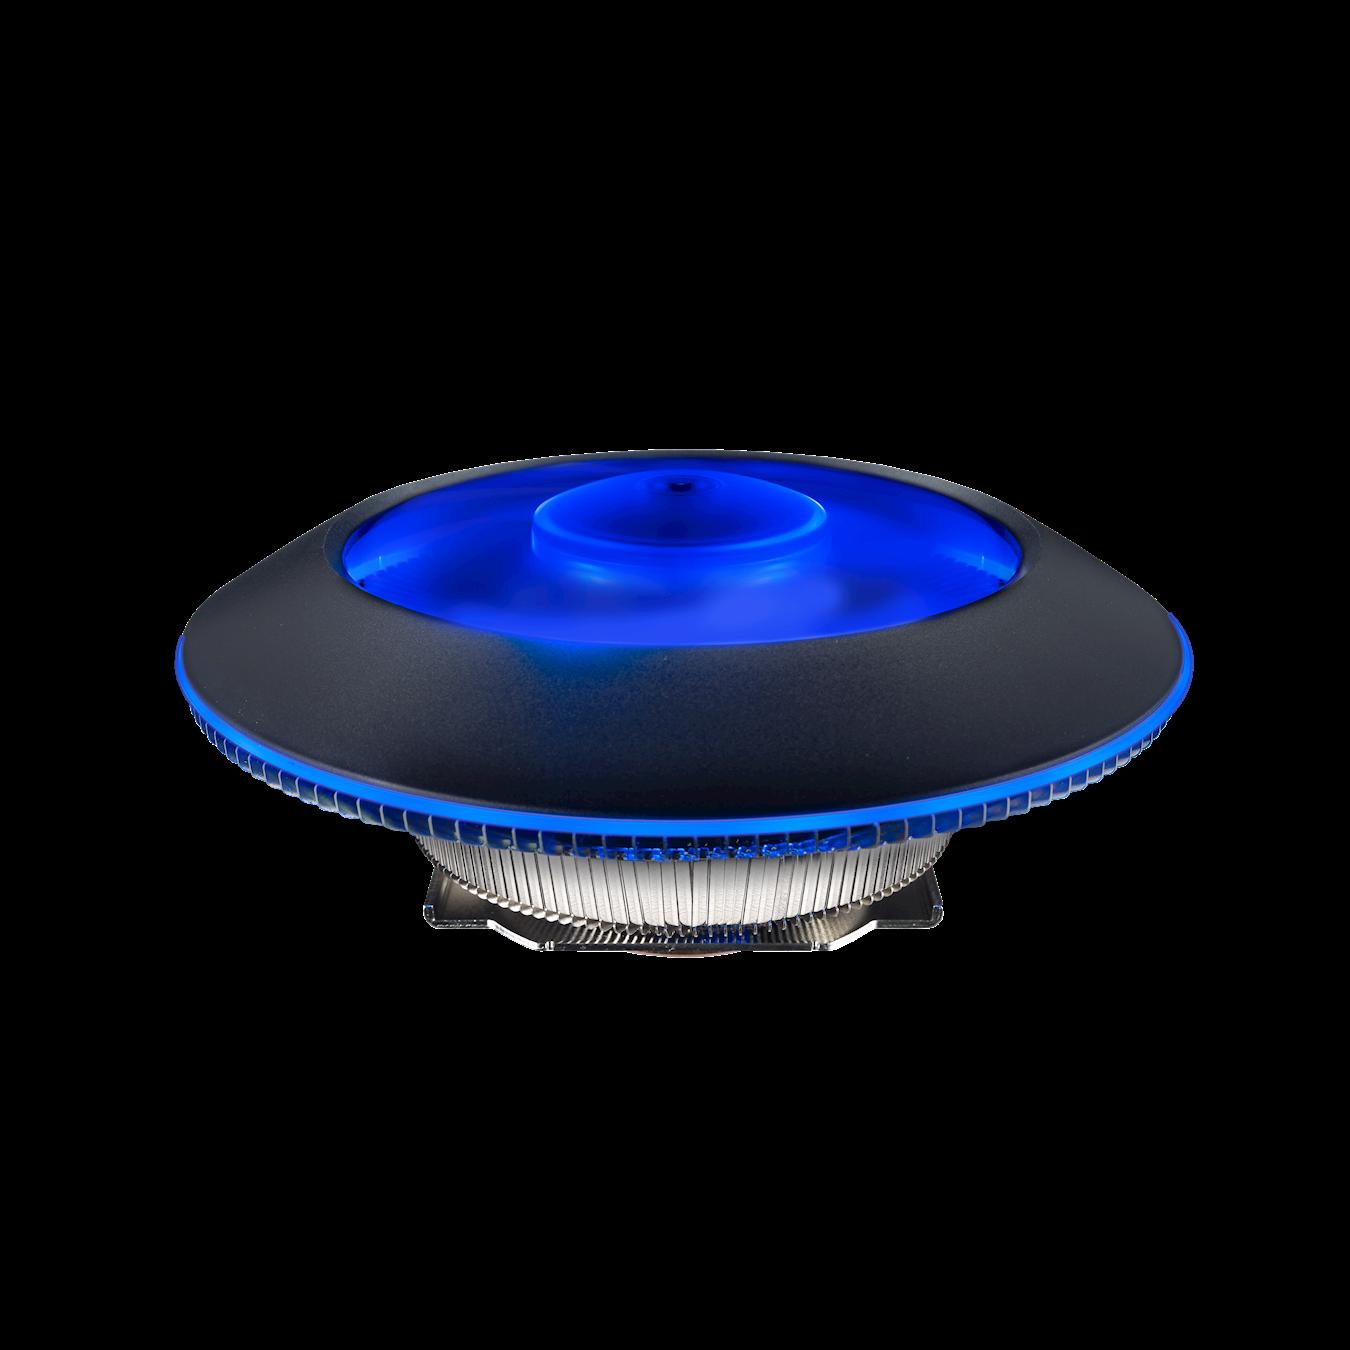 MasterAir G100M - RGB Ring - Blue color